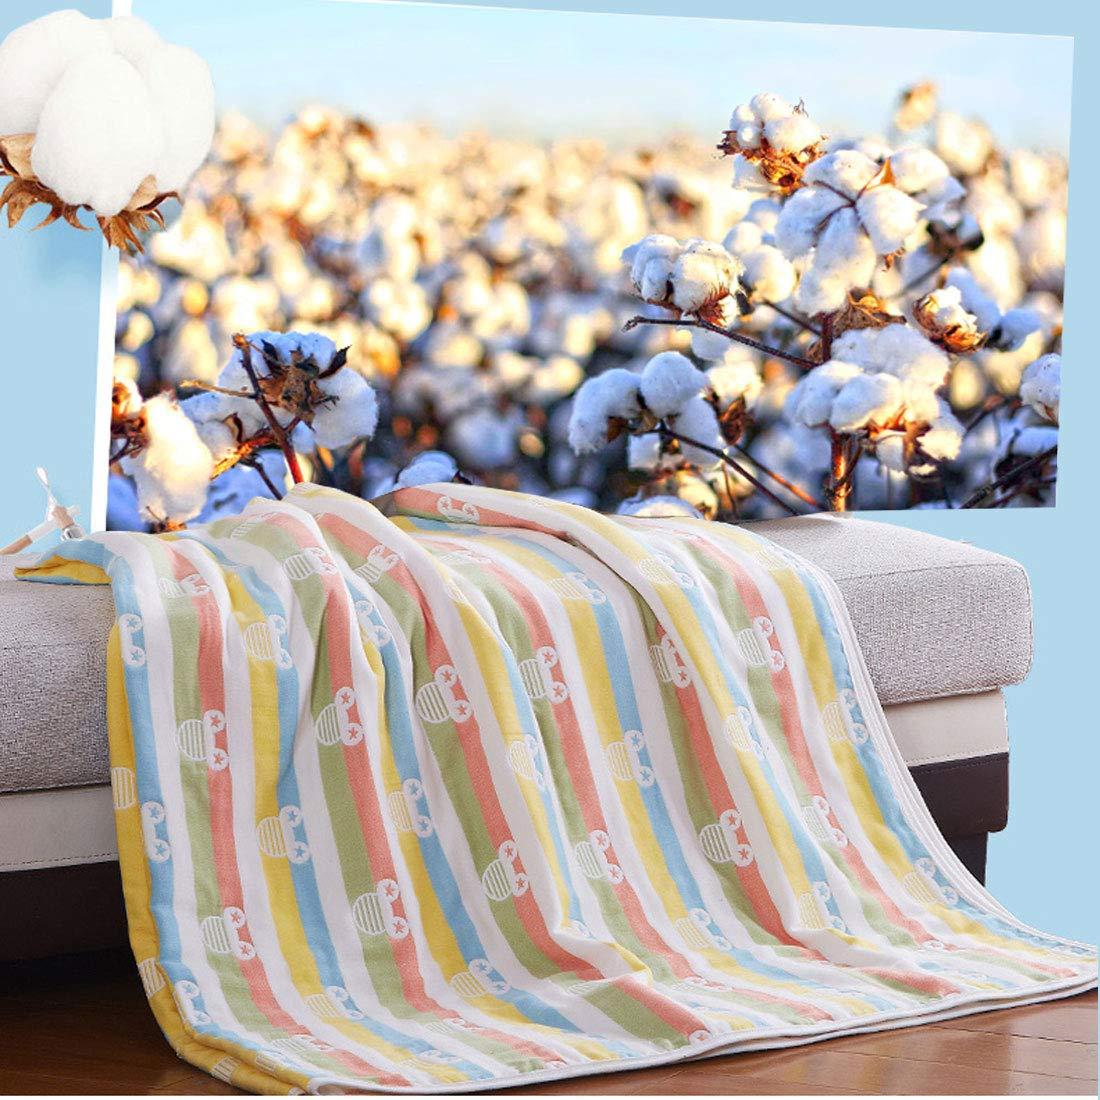 Levoberg Couverture B/éb/é,100/% Coton Moelleux,6 Couches Mousseline,90x100cm,Couverture Emmaillotage B/éb/é,Couverture Enfant Poussette Lit,Lavable en Machine #1